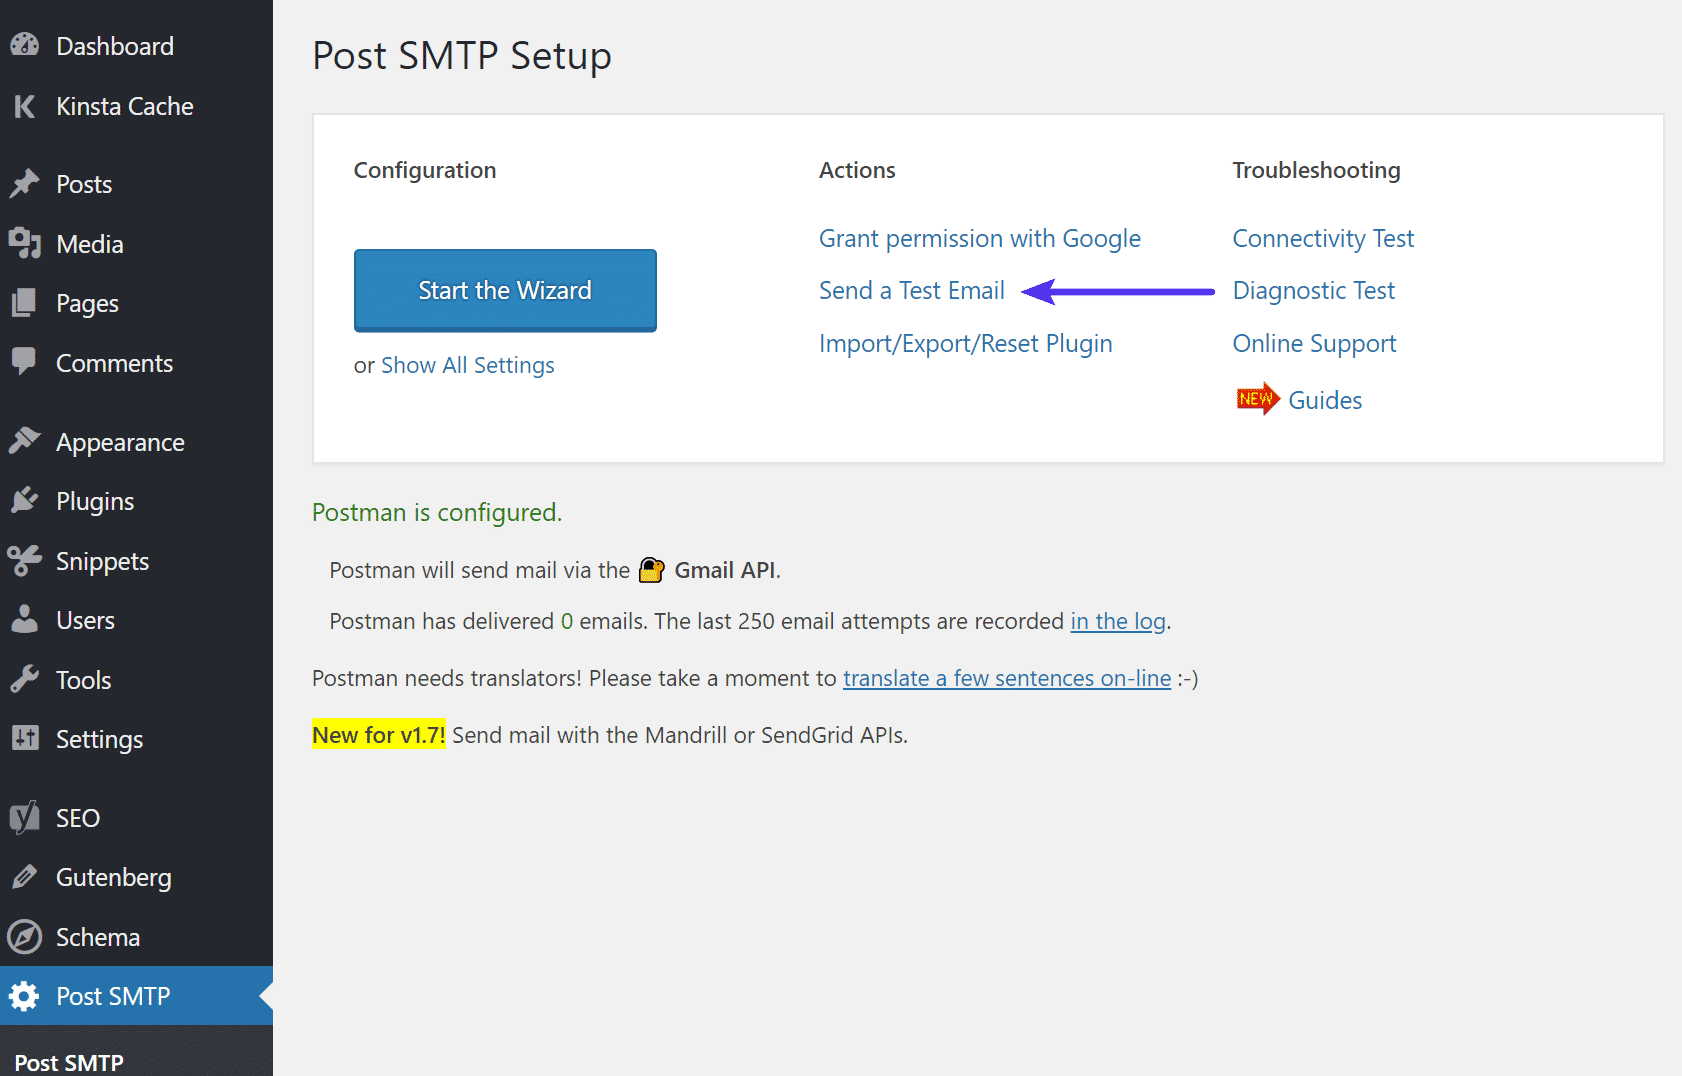 Invio email di prova in Post SMTP